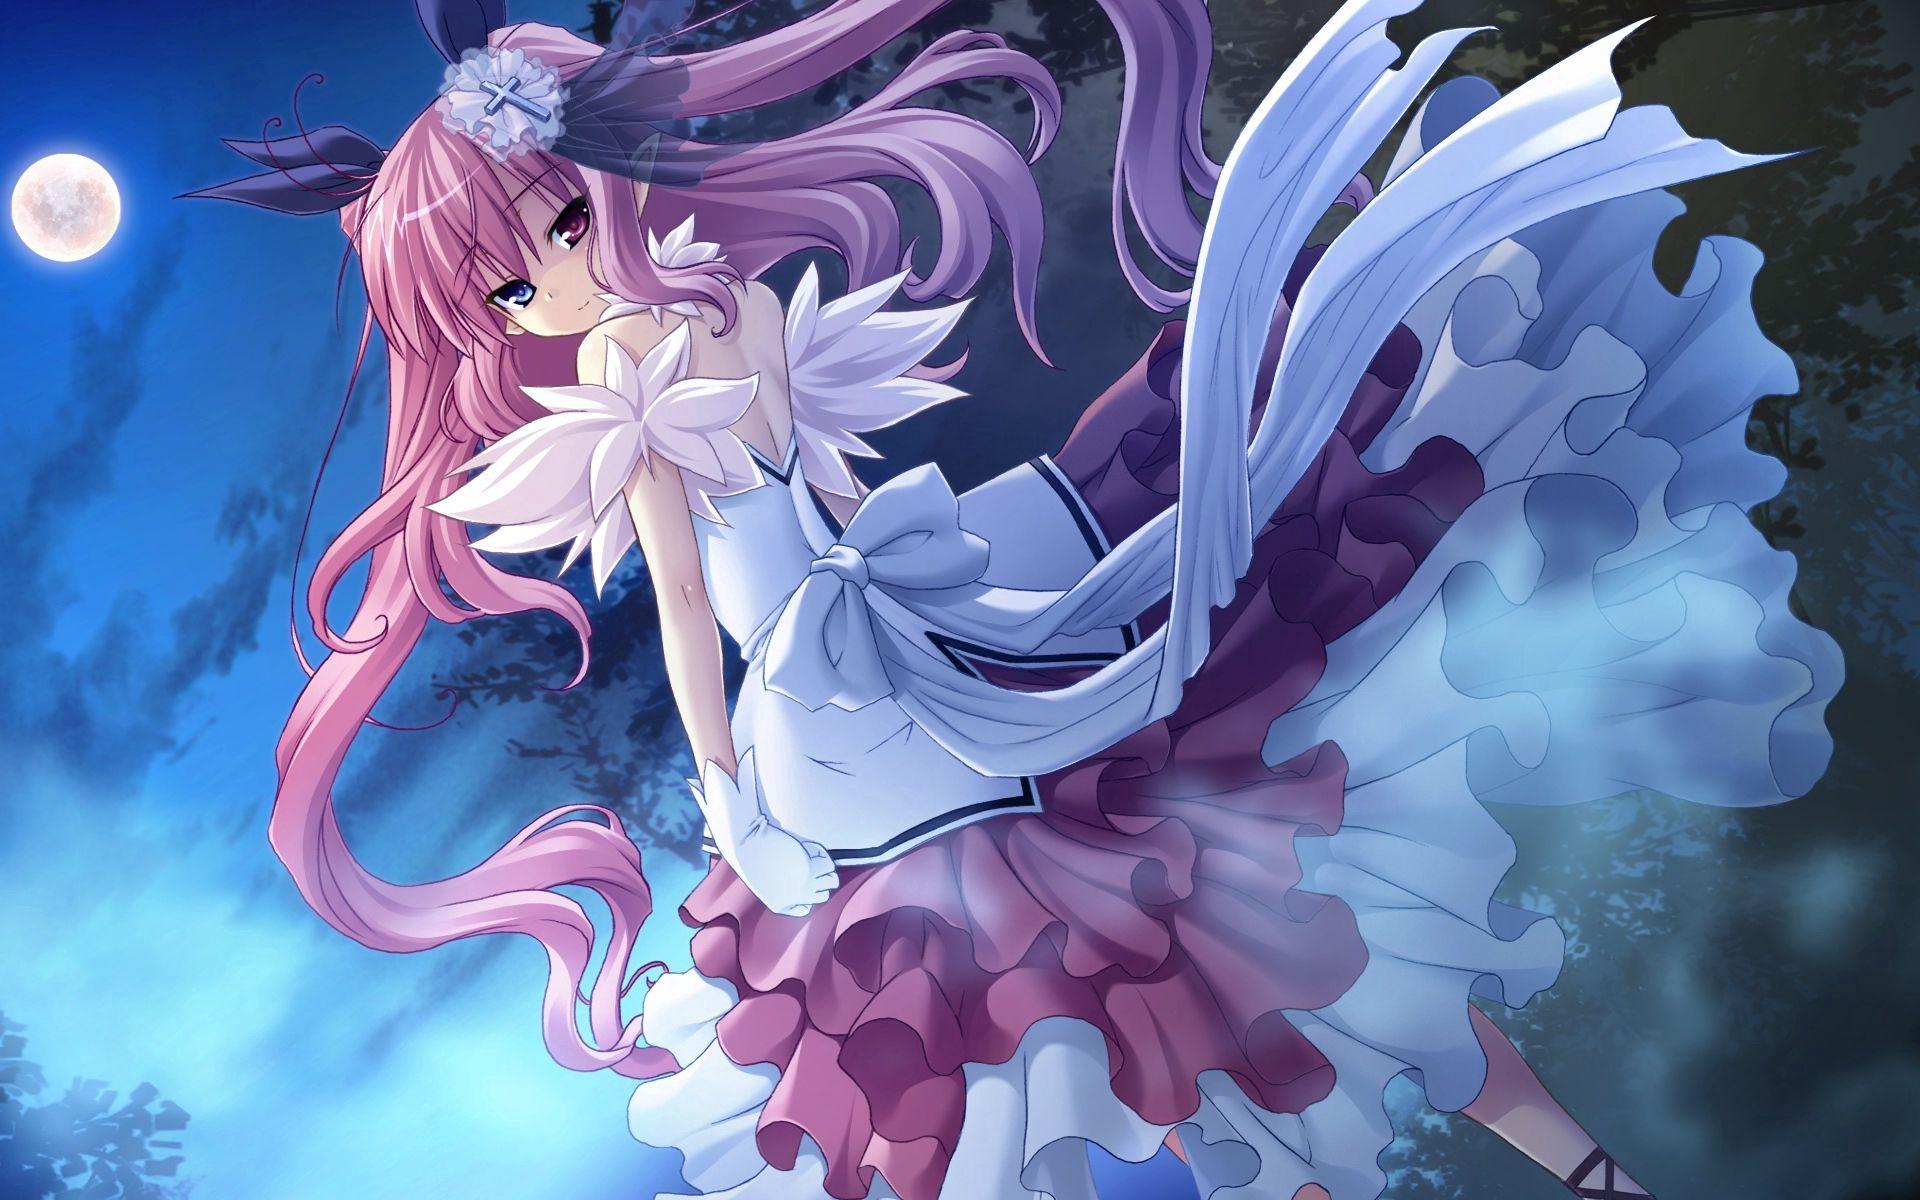 110269 descargar fondo de pantalla Anime, Niña, Muchacha, Cabello, Vestir, Vestido, Luna, Noche, Yugo, Coqueta: protectores de pantalla e imágenes gratis